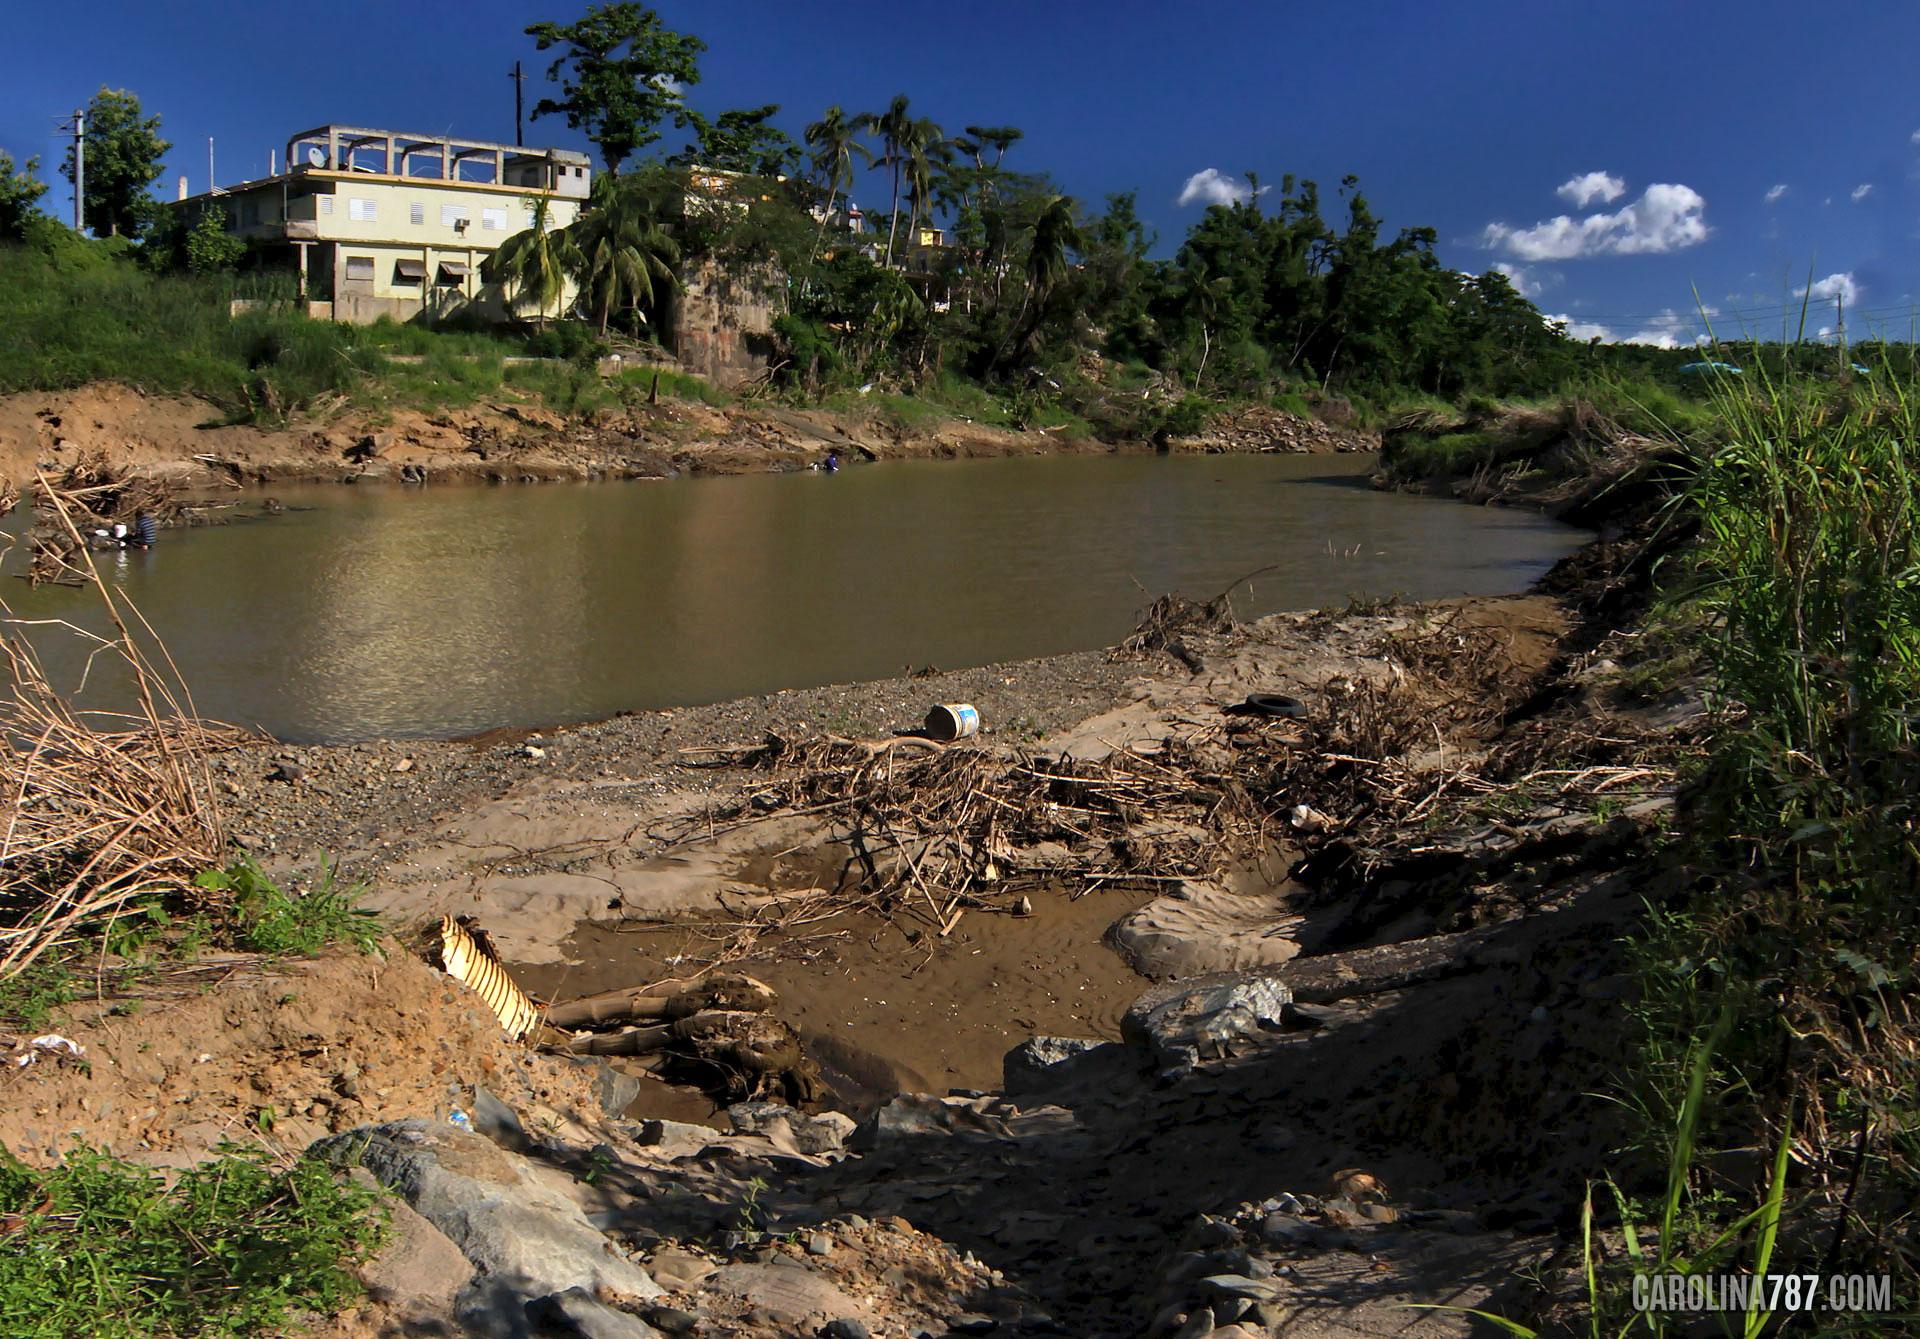 Hermosa y pacífica vista del Río Grande de Loíza, bajo el Puente Julia De Burgos en Carolina, Puerto Rico.